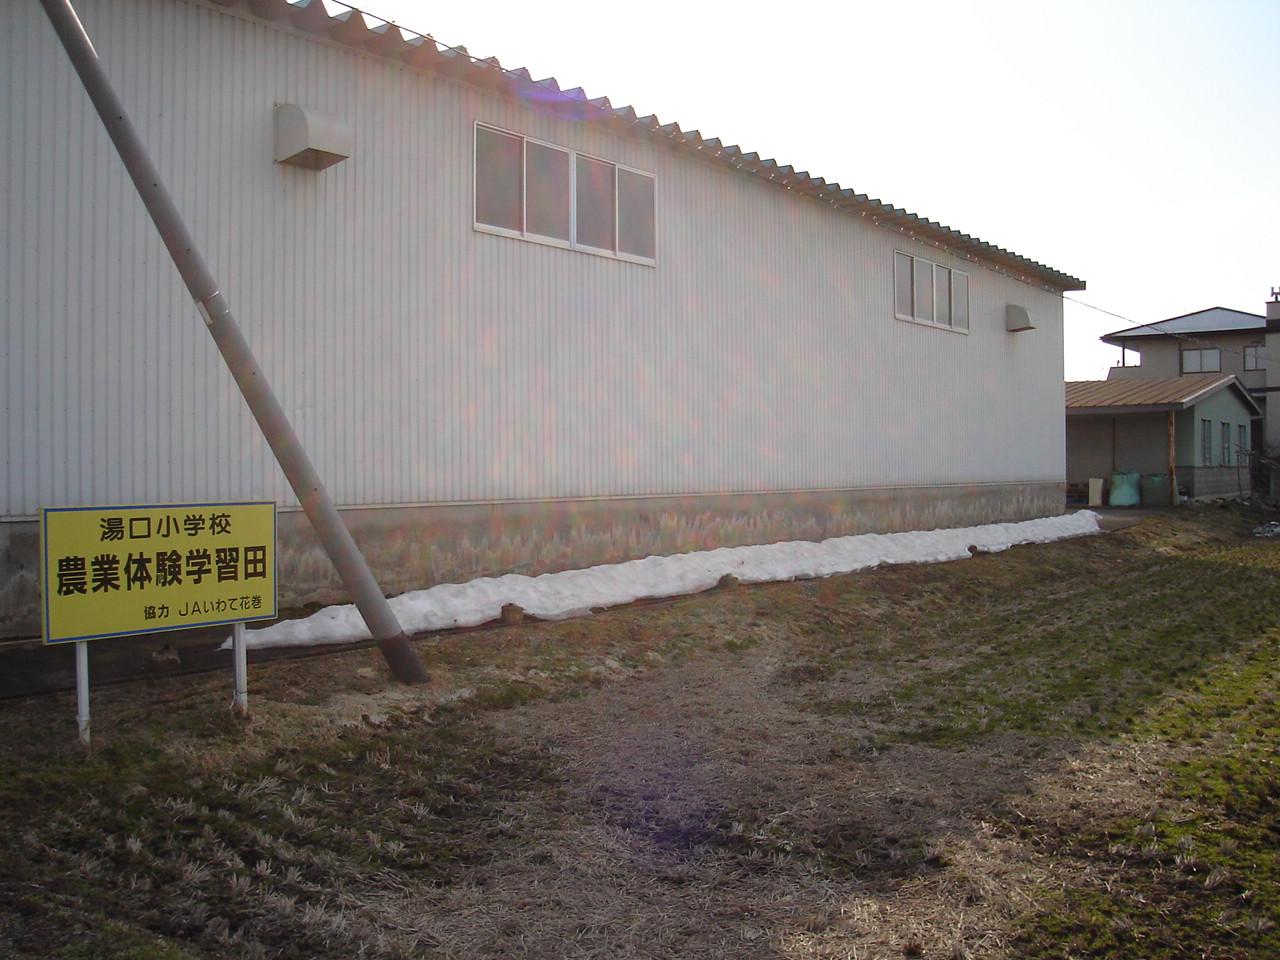 http://www.ucoop.or.jp/shouhin/shoku_shokuryo/sanchi/files/DSC09988.JPG